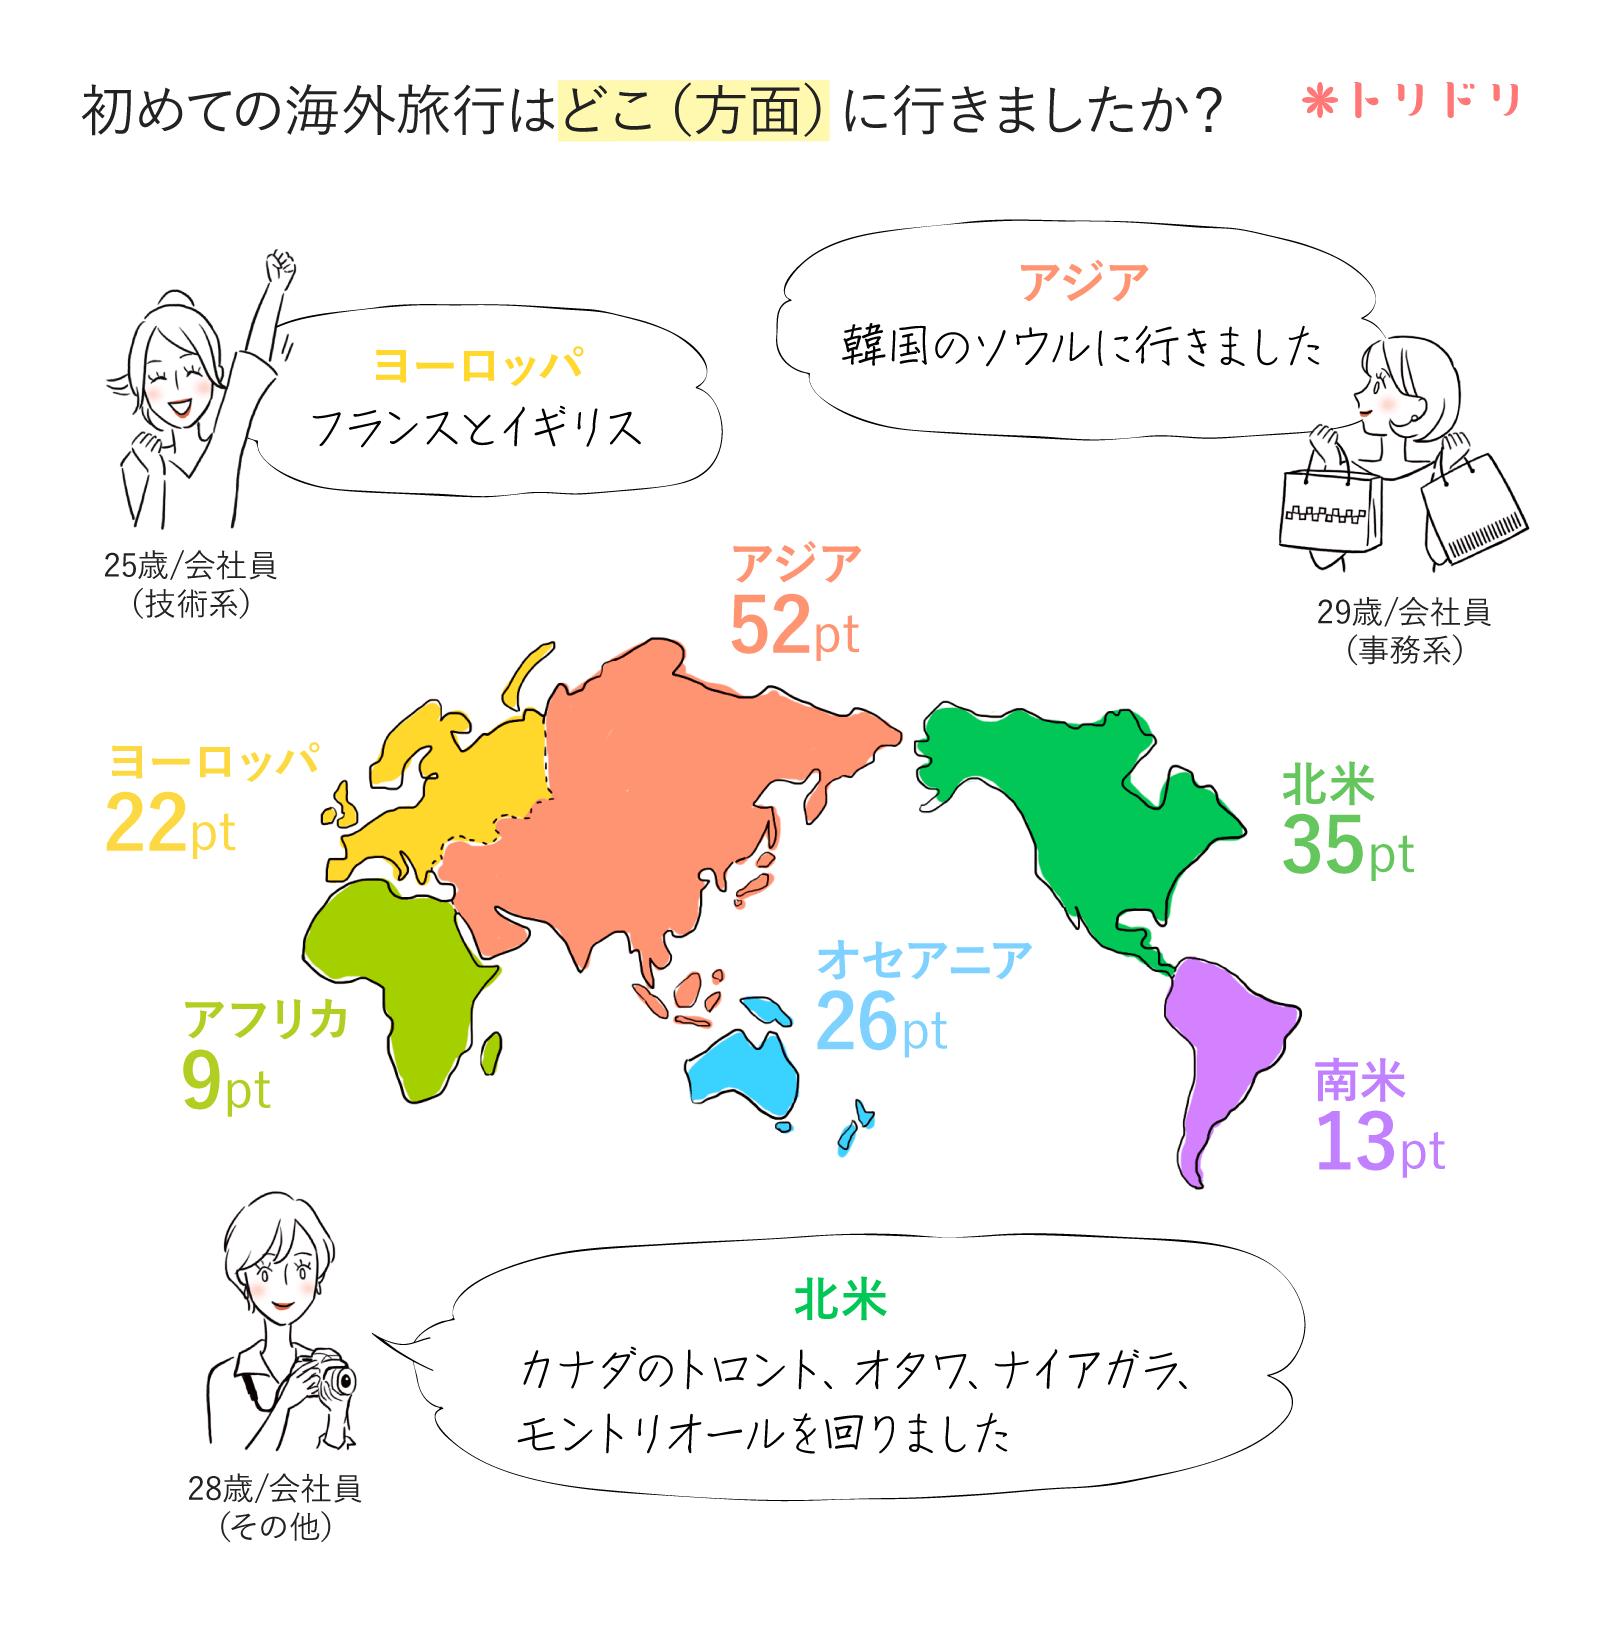 アンケートのグラフ:初めての海外旅行はどこ(方面)に行きましたか?